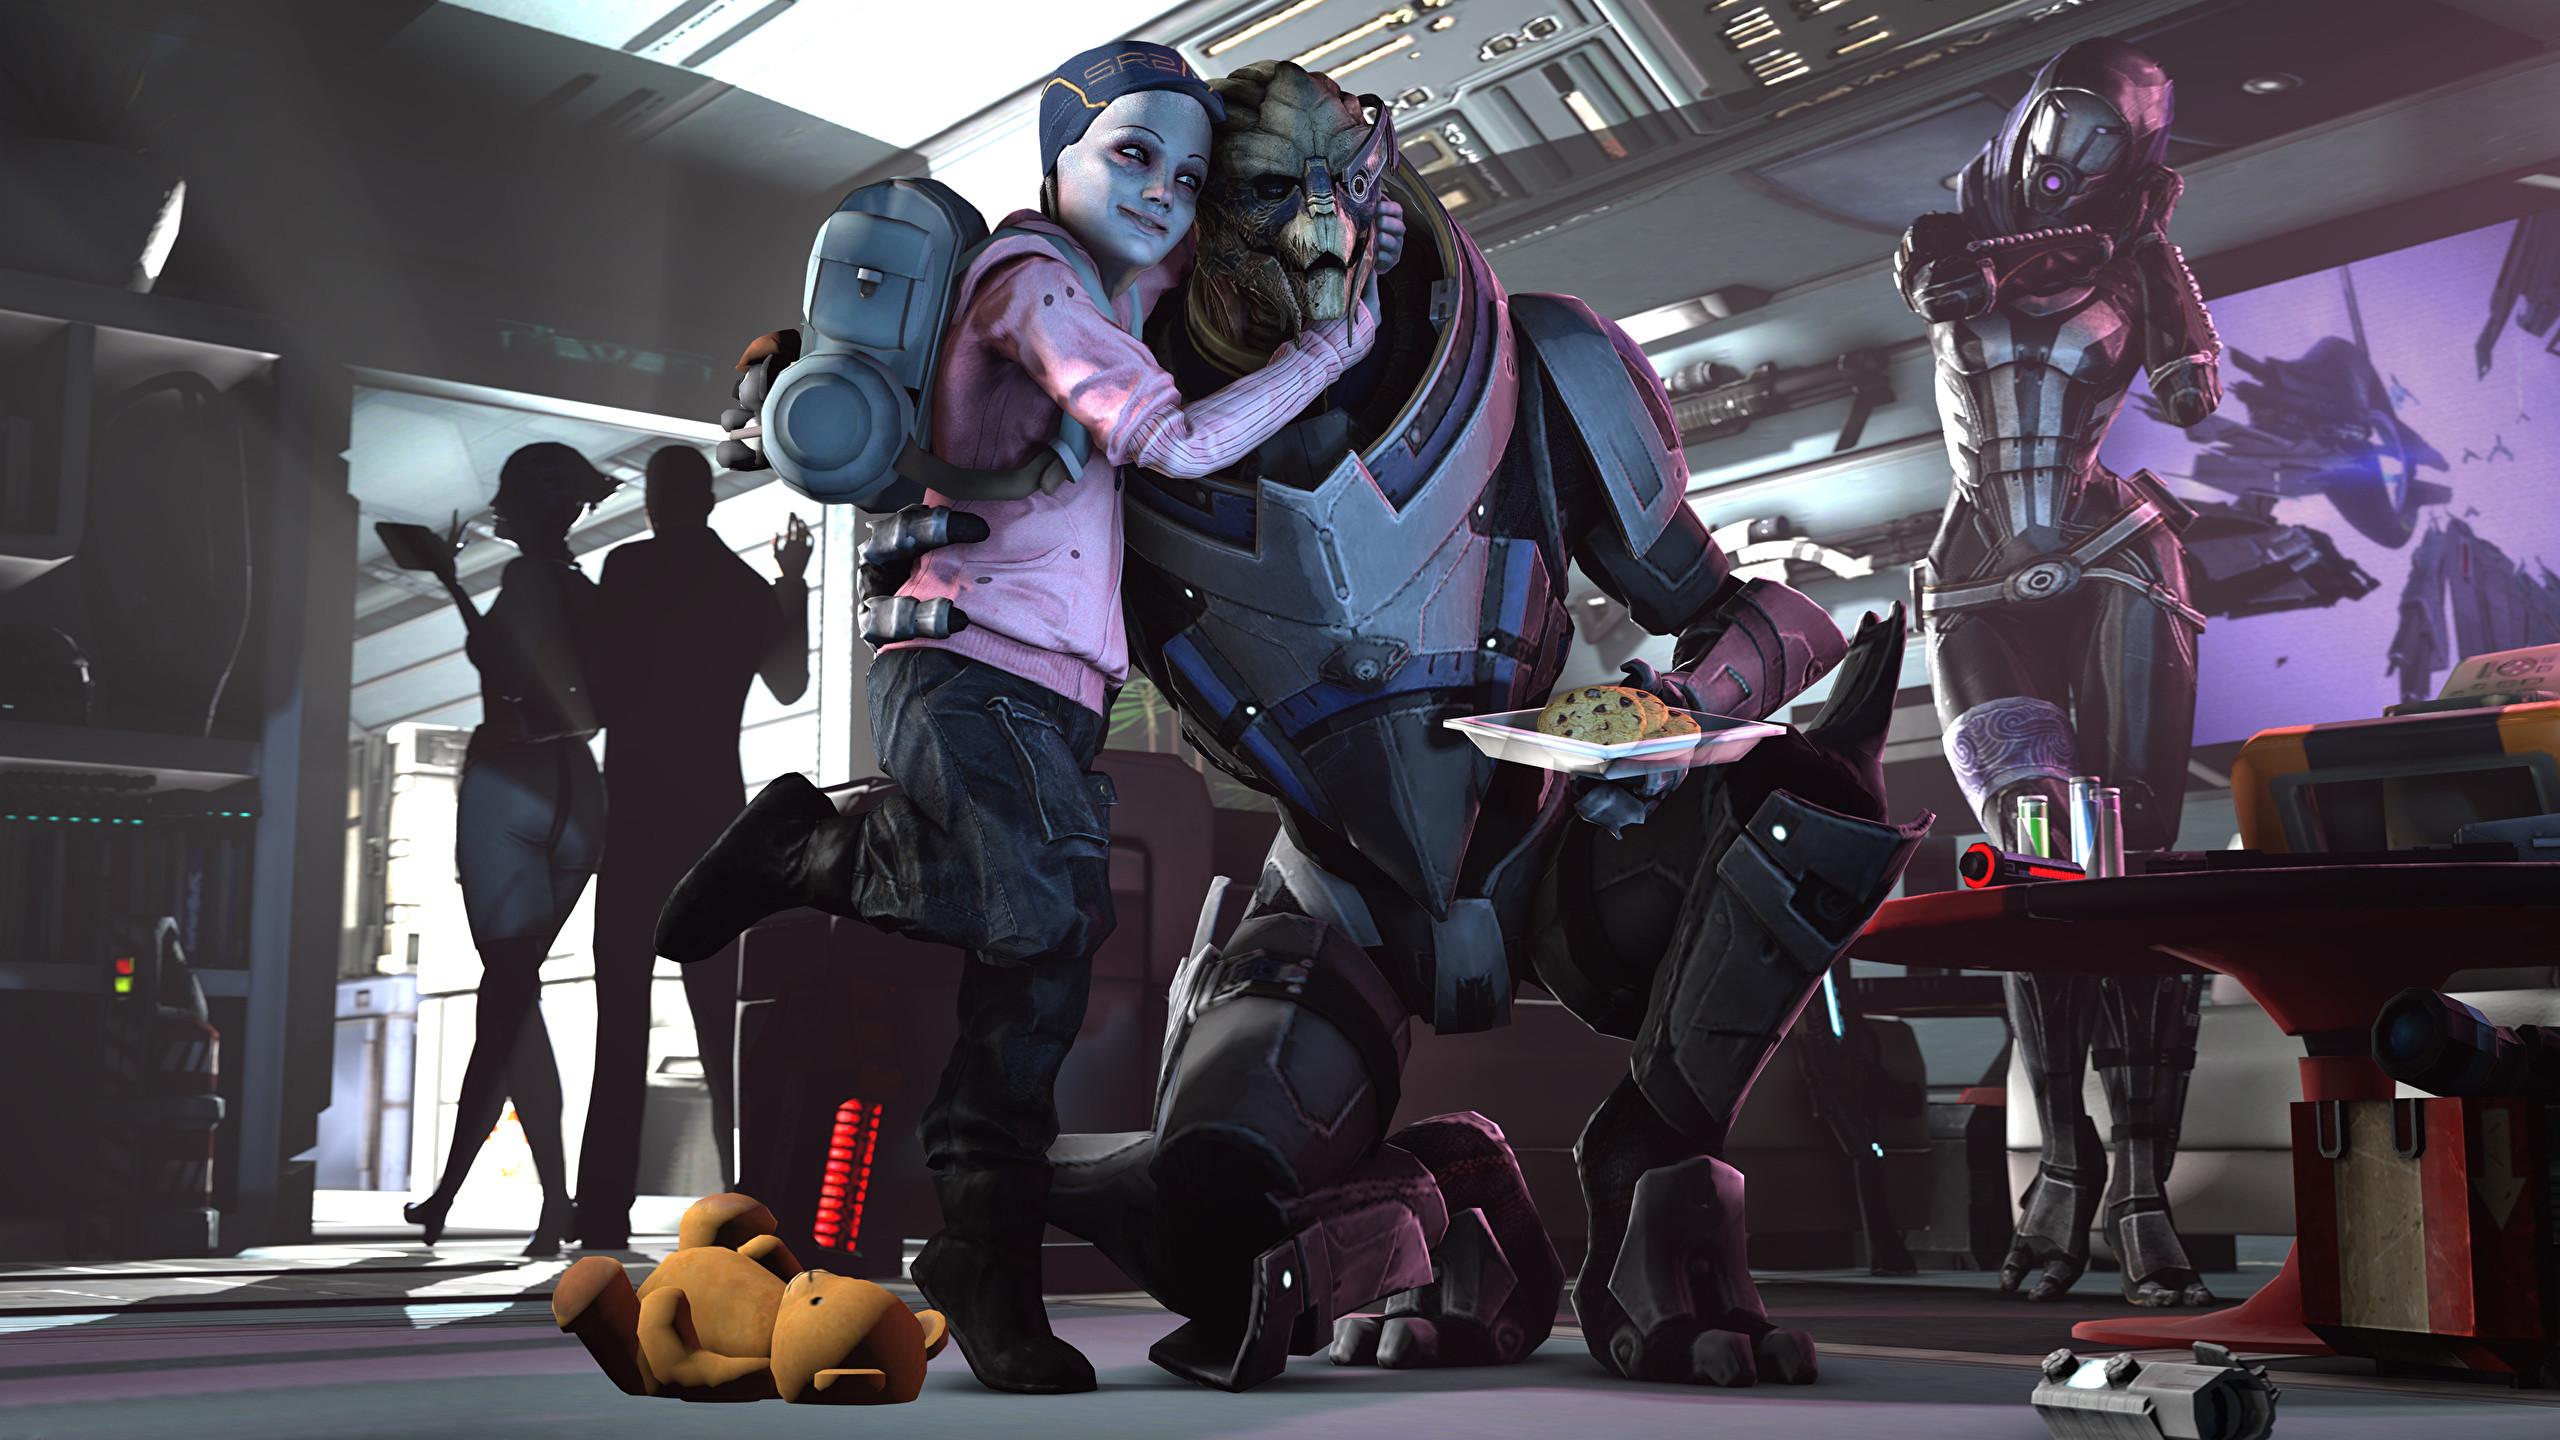 Wallpaper Tali Zorah Mass Effect Aliens Garrus Vakarian Children Fantasy 3D  Graphics Games 2560×1440